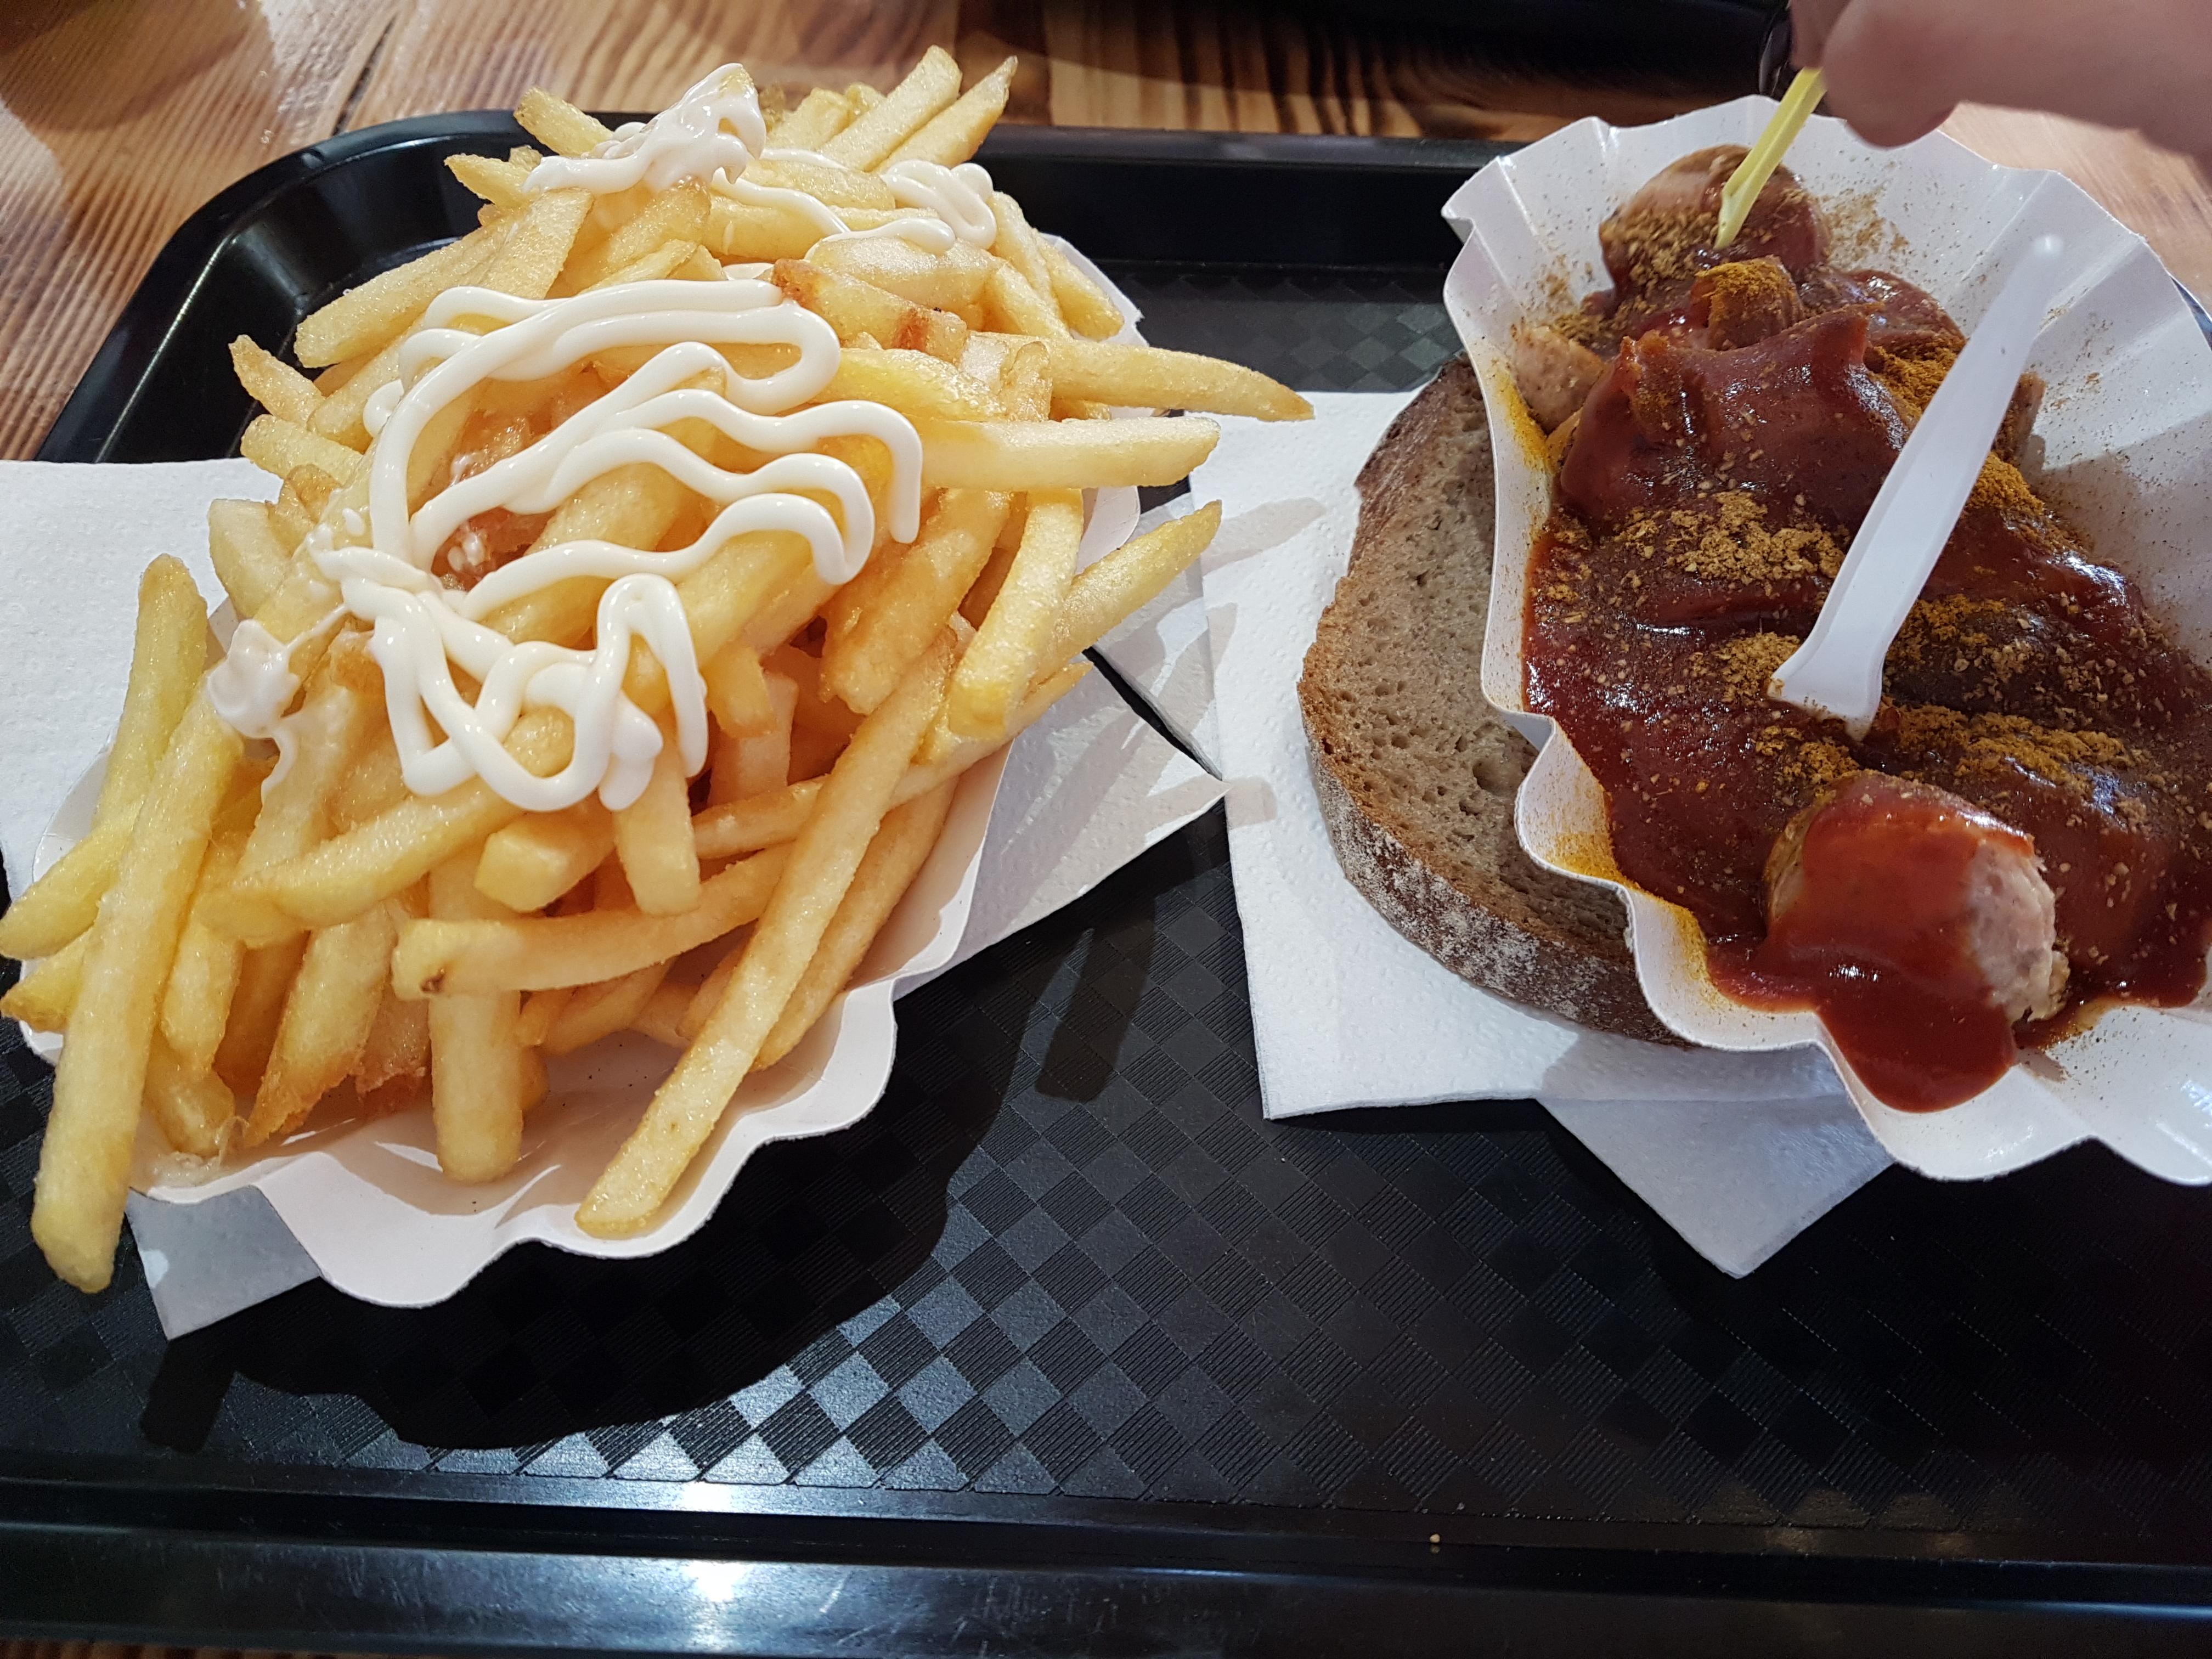 https://foodloader.net/Holz_2018-11-25_Currywurst_und_Pommes.jpg